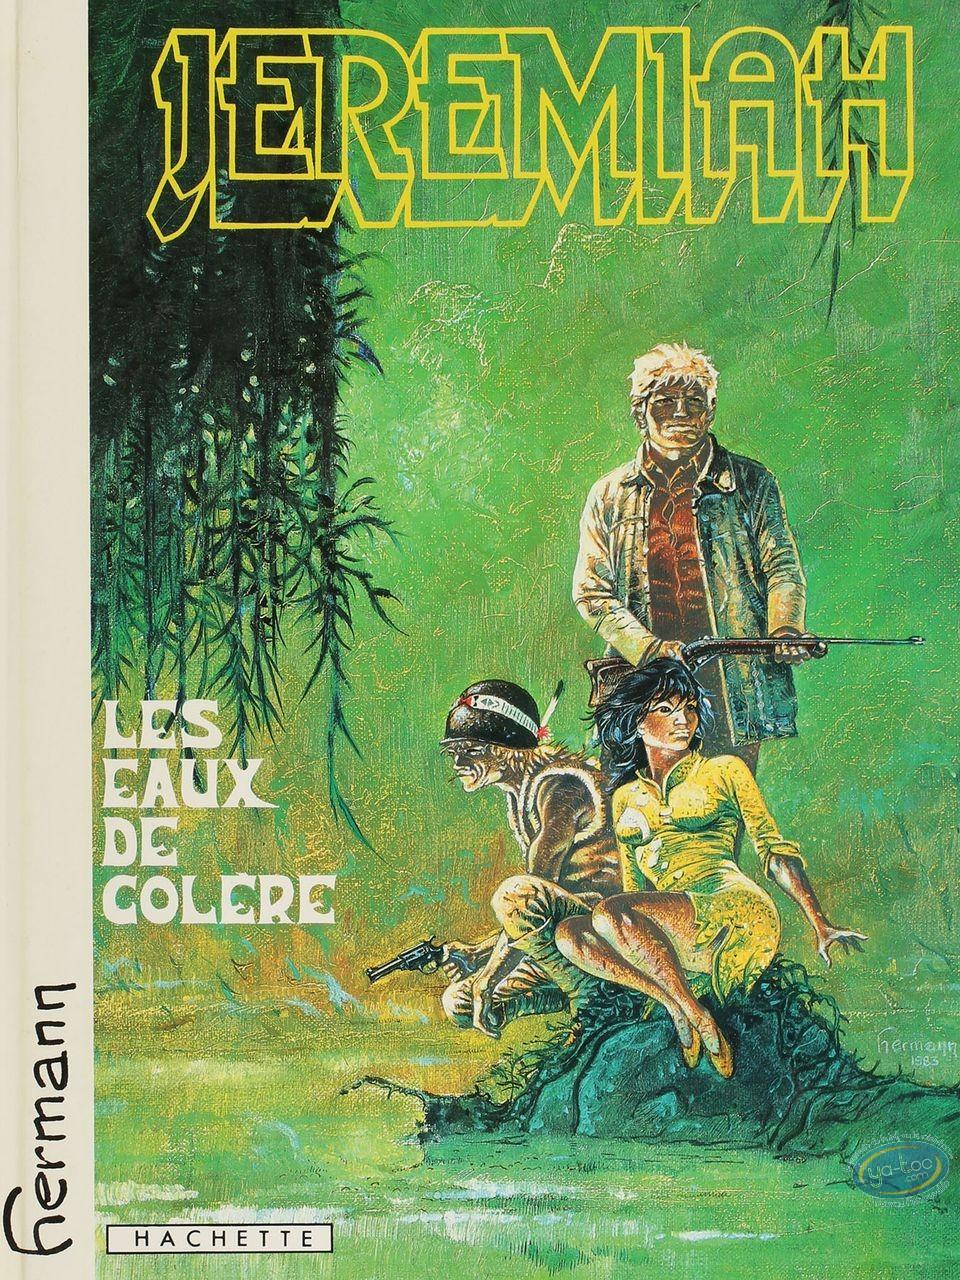 Listed European Comic Books, Jérémiah : Les Yeux de Colere (very good condition)